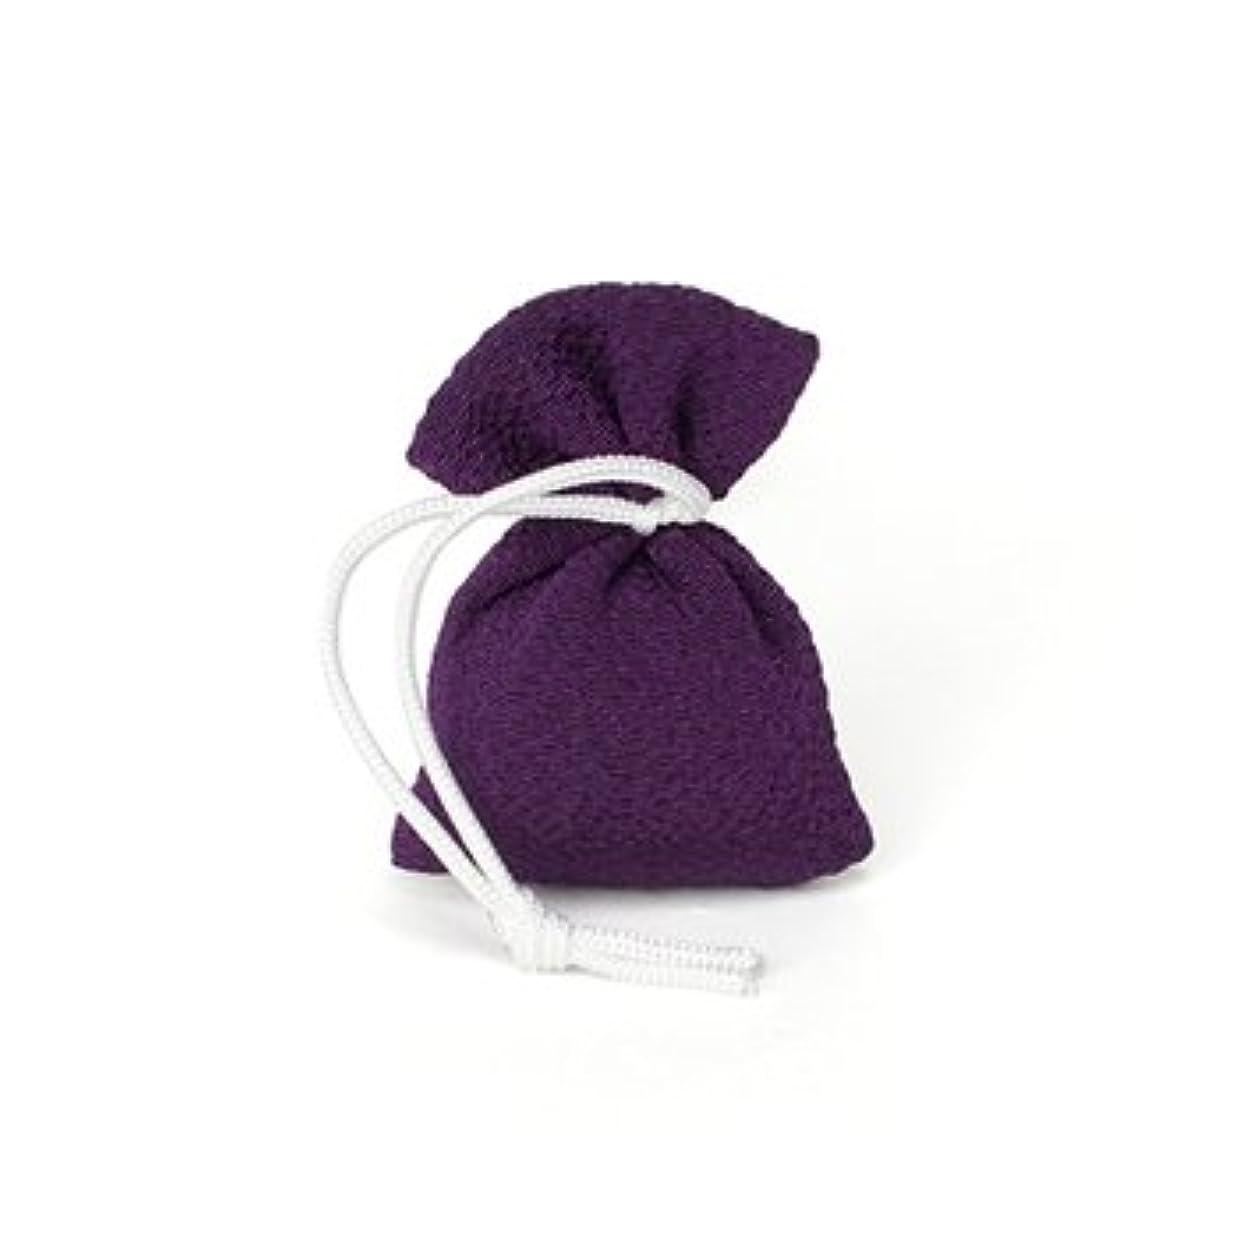 かもしれないパッケージ起点松栄堂 匂い袋 誰が袖 携帯用 1個入 ケースなし (色をお選びください) (古代紫)